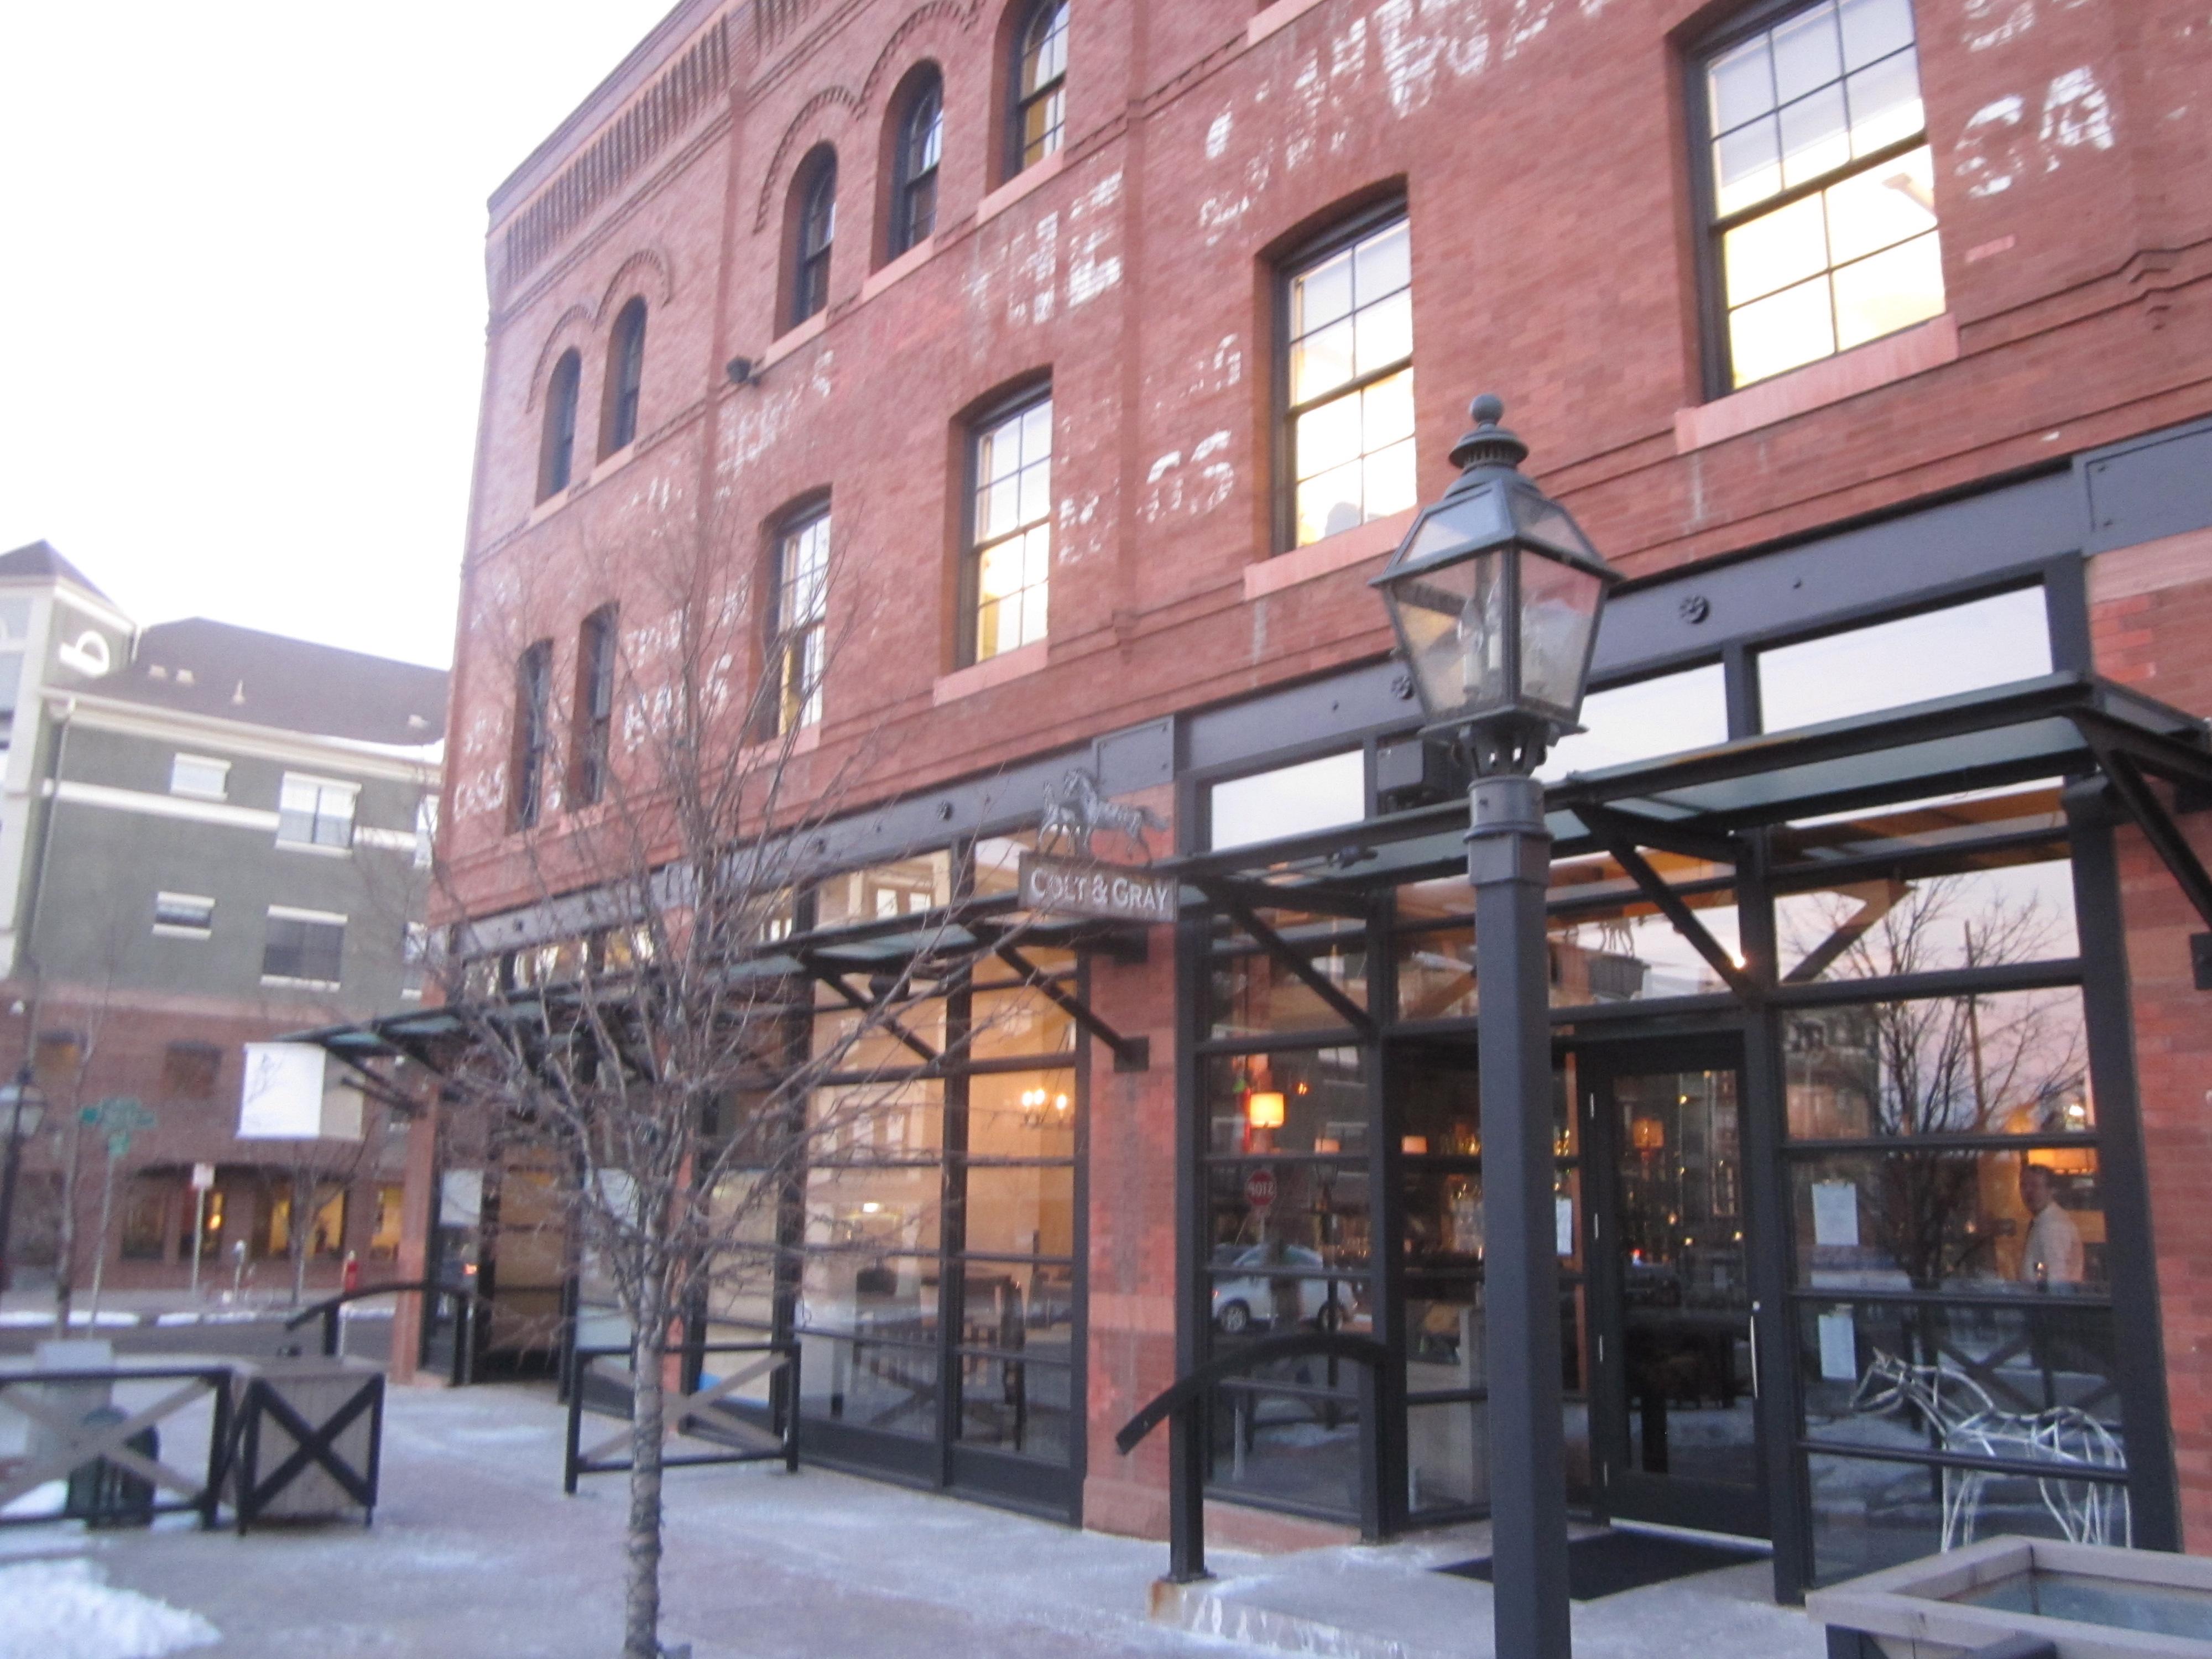 Mondays Neighborhood Highlands Denver Colorado Trevs Bistro